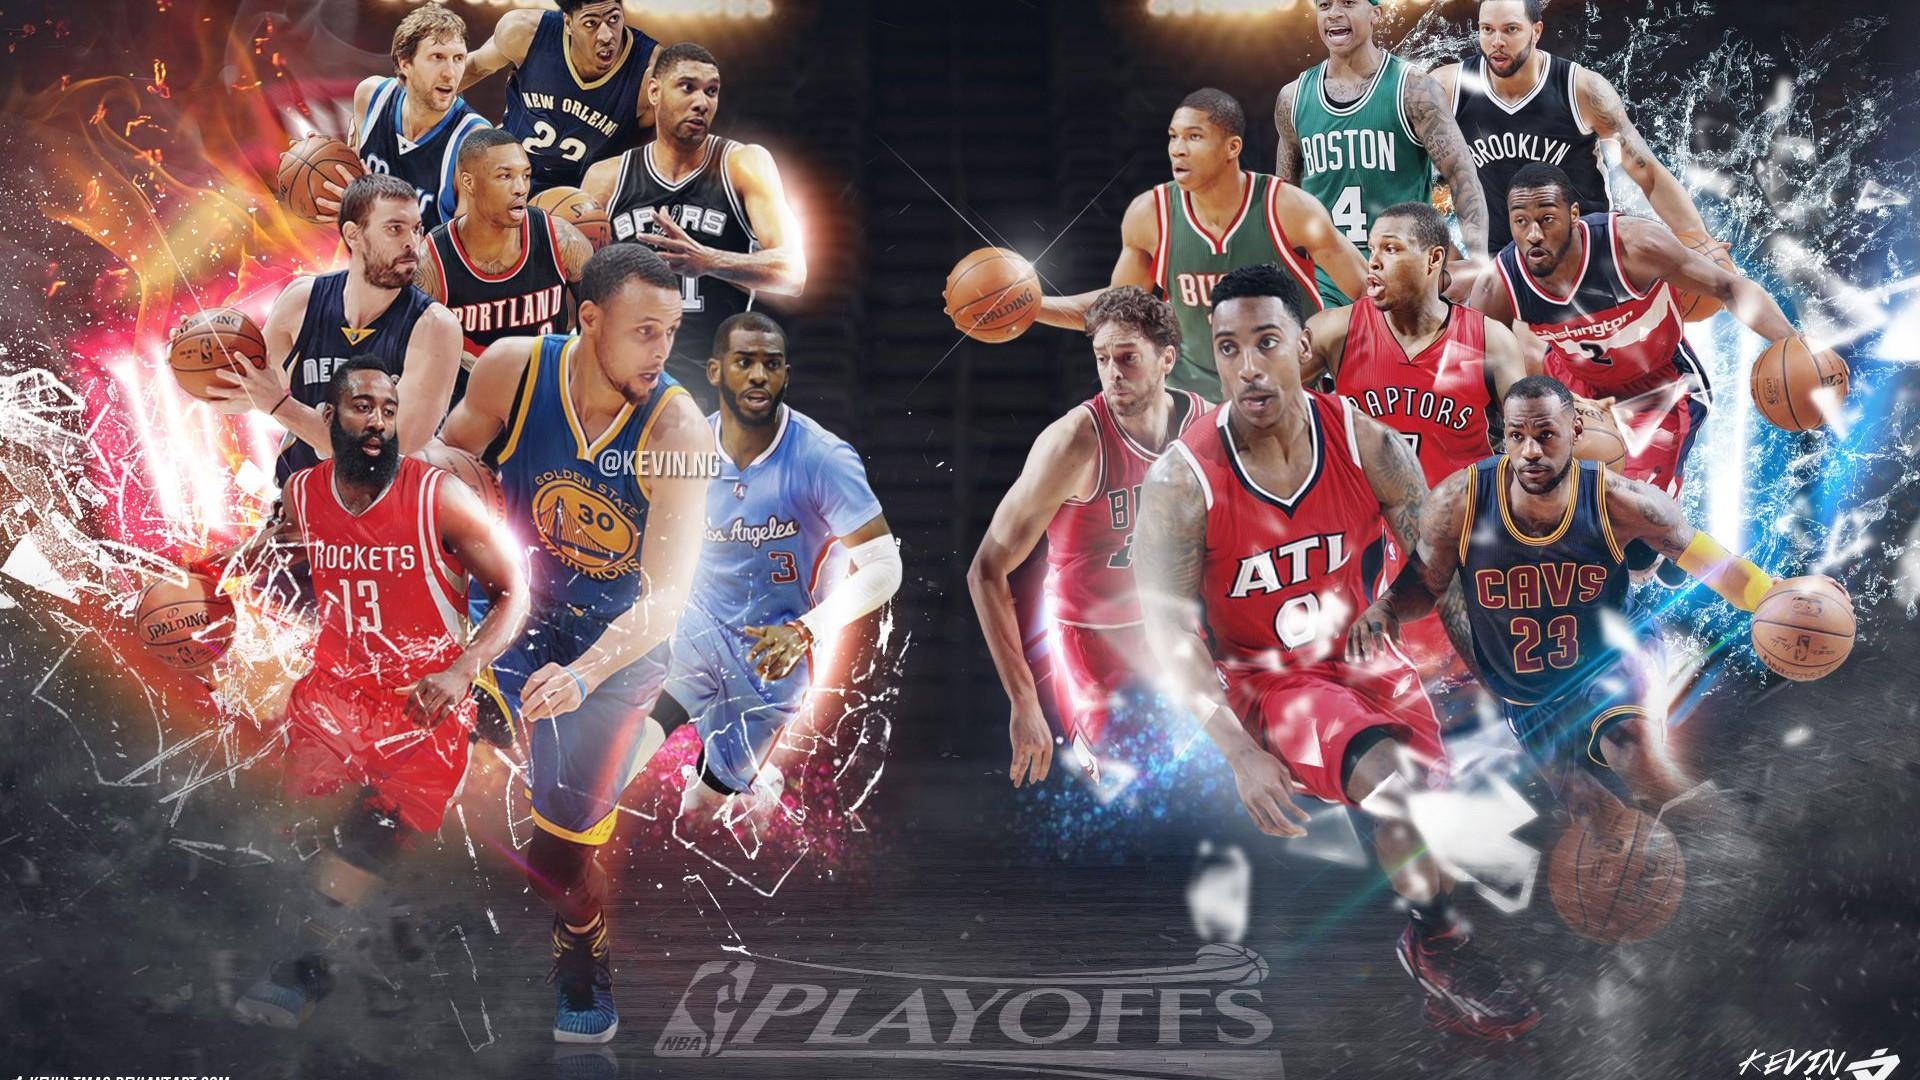 Windows Wallpaper NBA 2020 Basketball Wallpaper 1920x1080